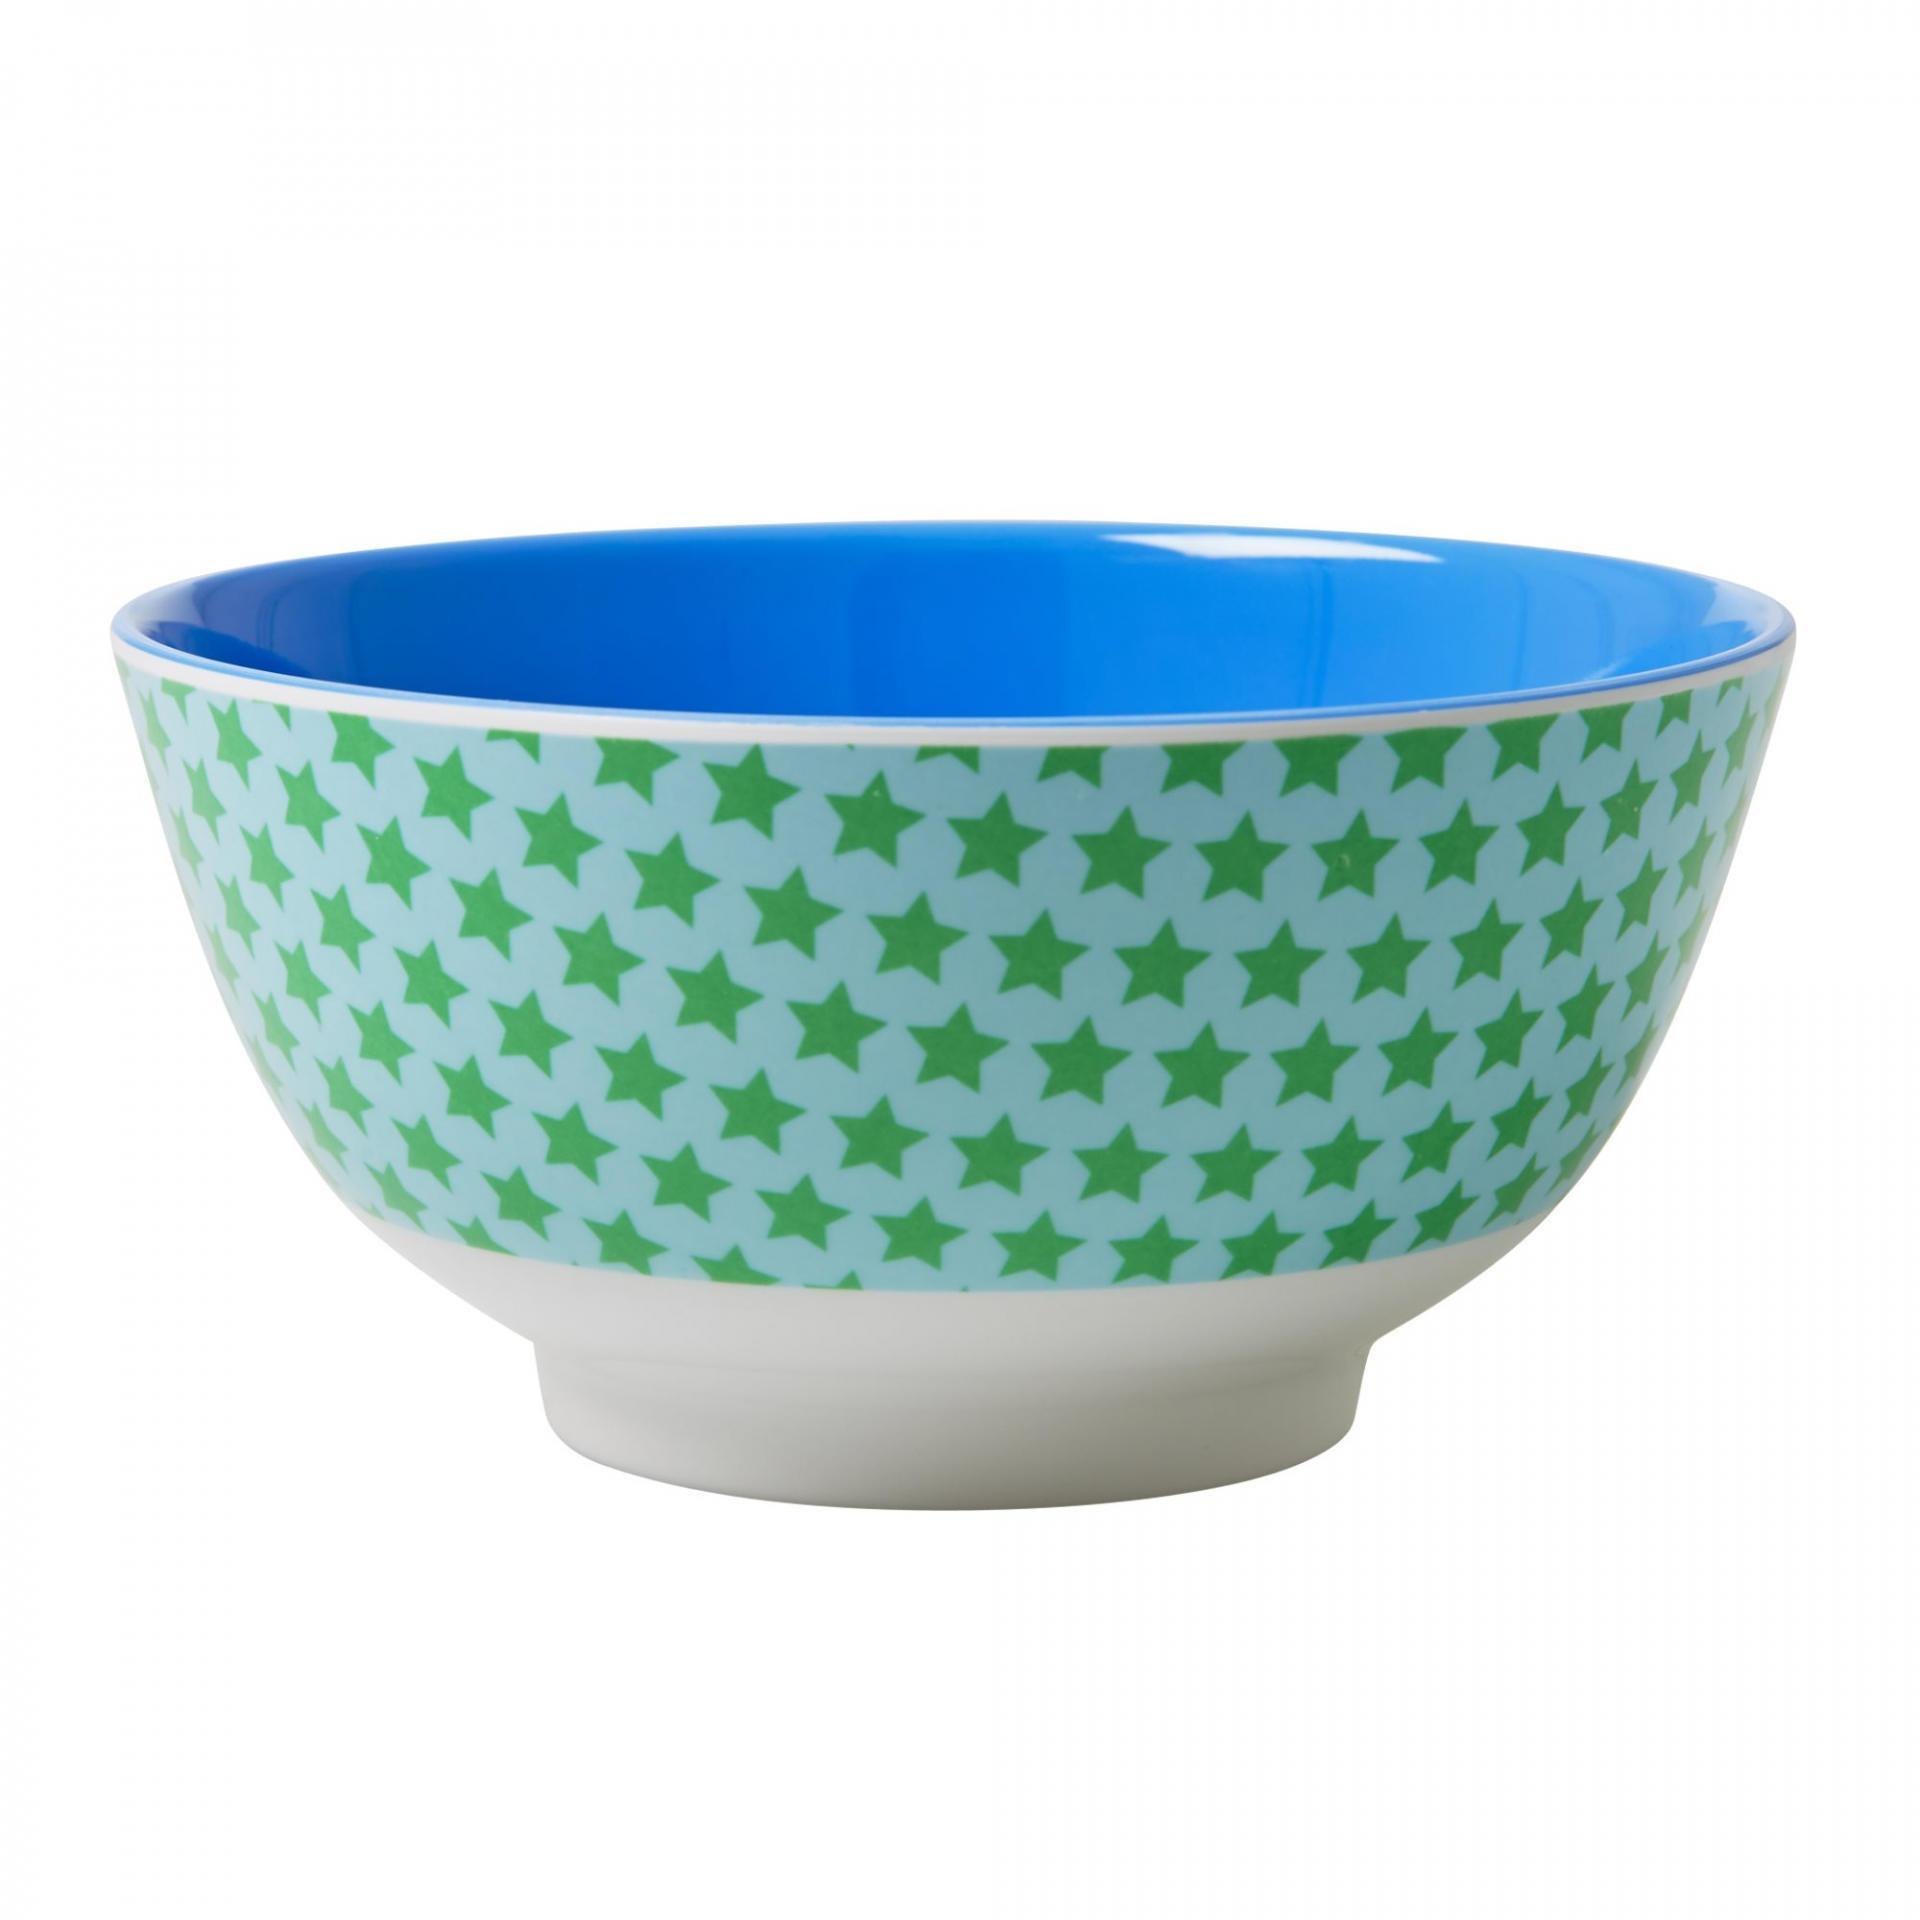 rice Melaminová miska Star green, modrá barva, zelená barva, melamin